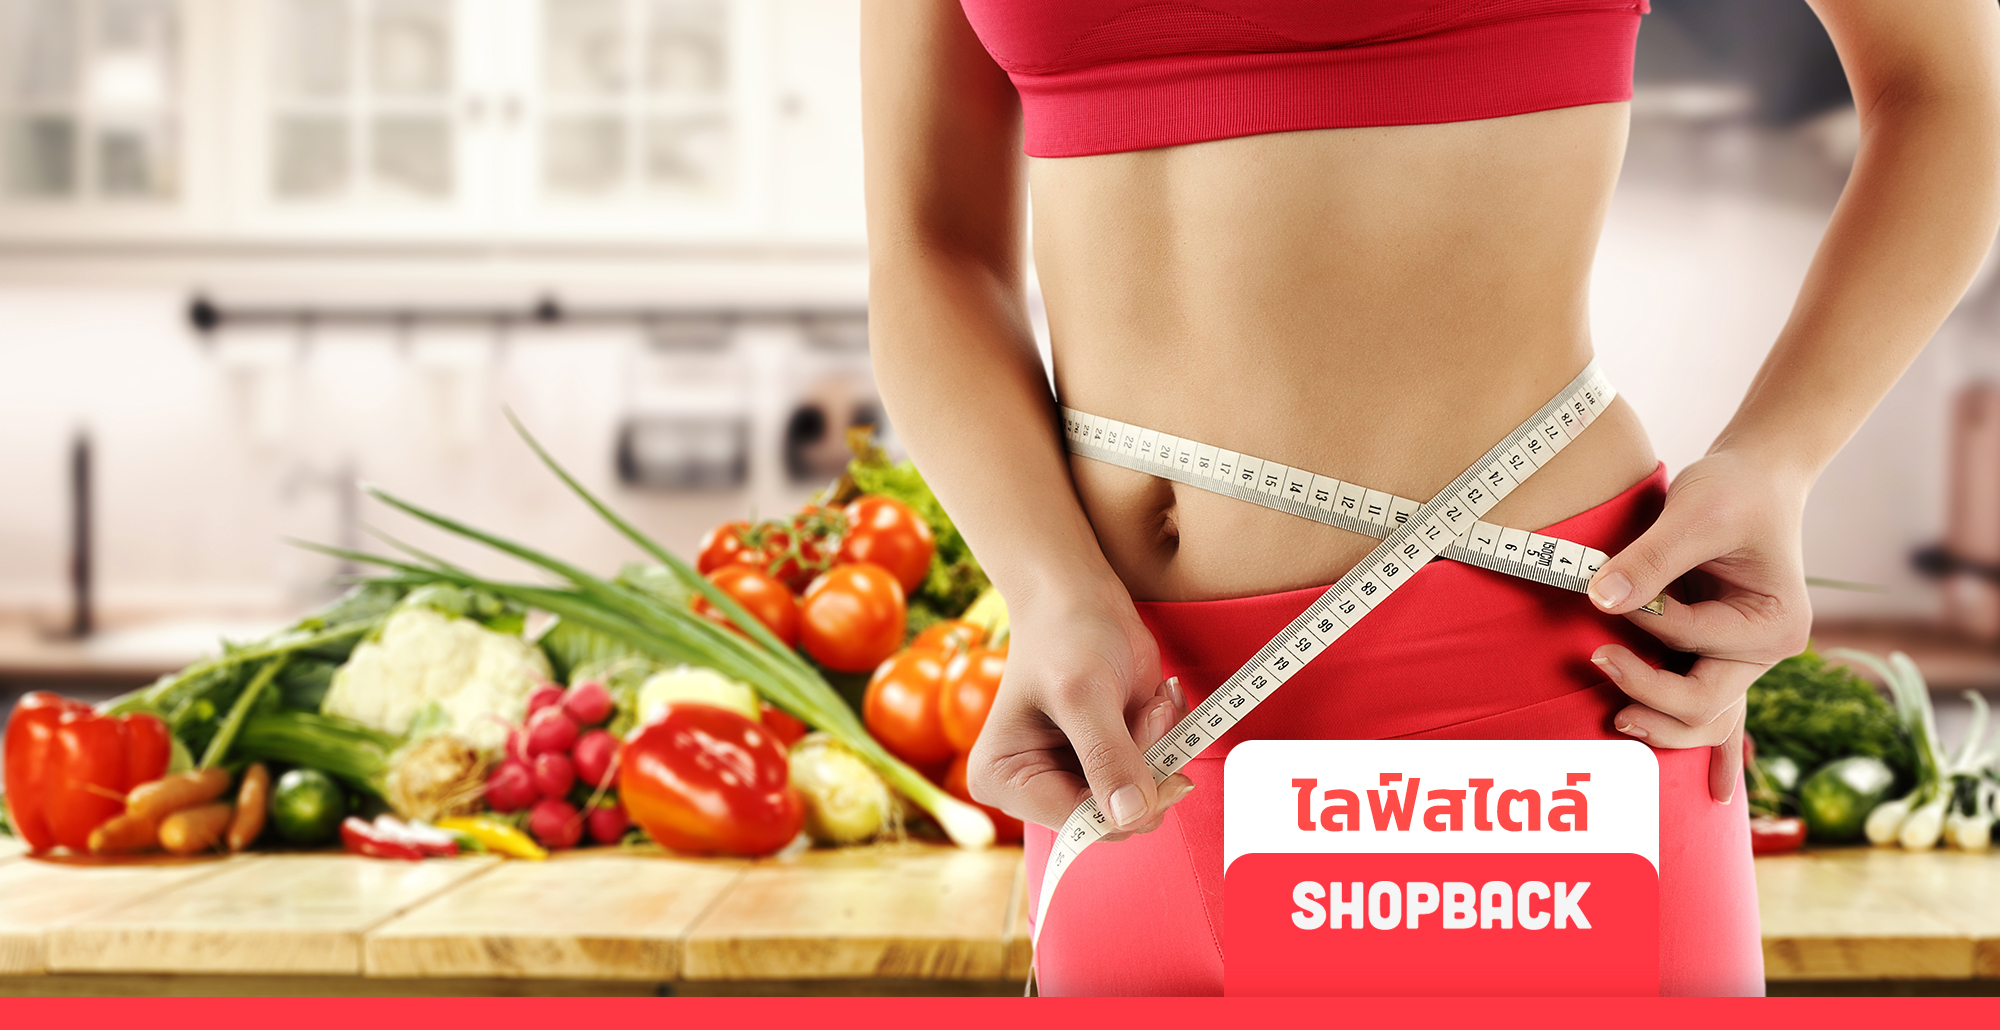 วิธีลดน้ำหนักหน้าท้องในอีกไม่กี่วัน